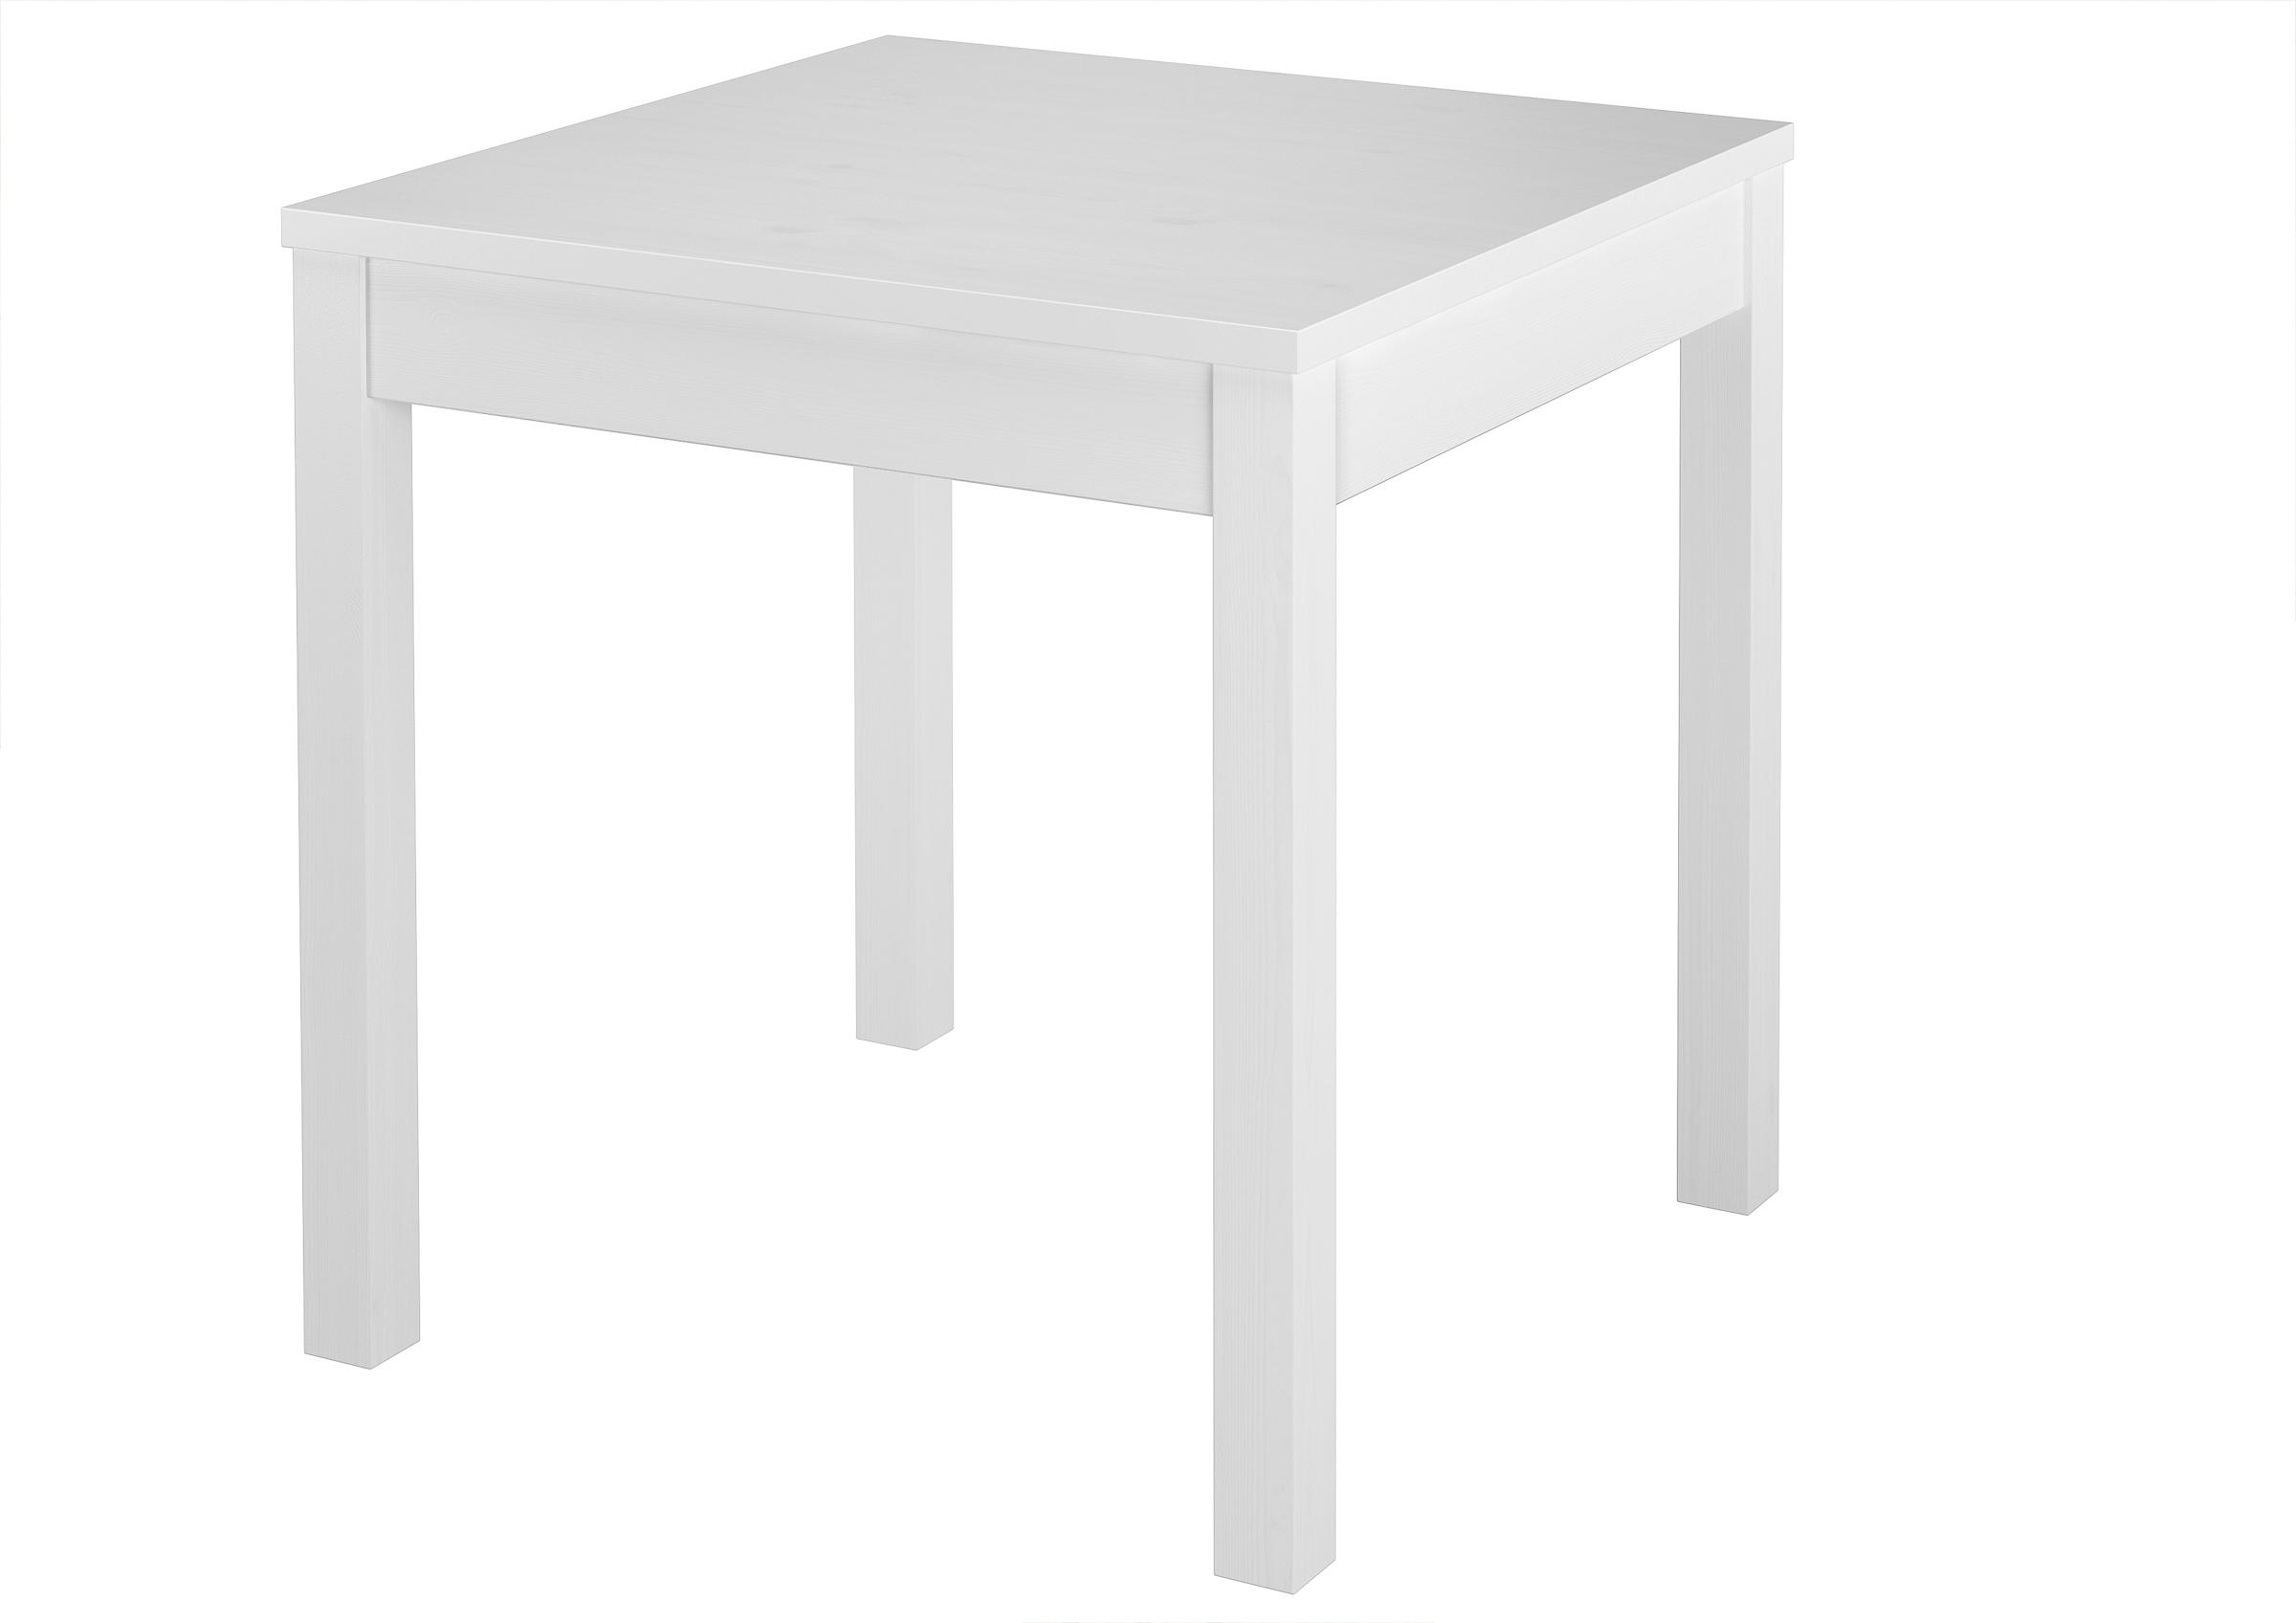 Weiße 90 Und Mit 70 50 Tisch Stühle 21 Kiefer A Essgruppe Moderne 2 W Set Massivholz xEQodrCBeW